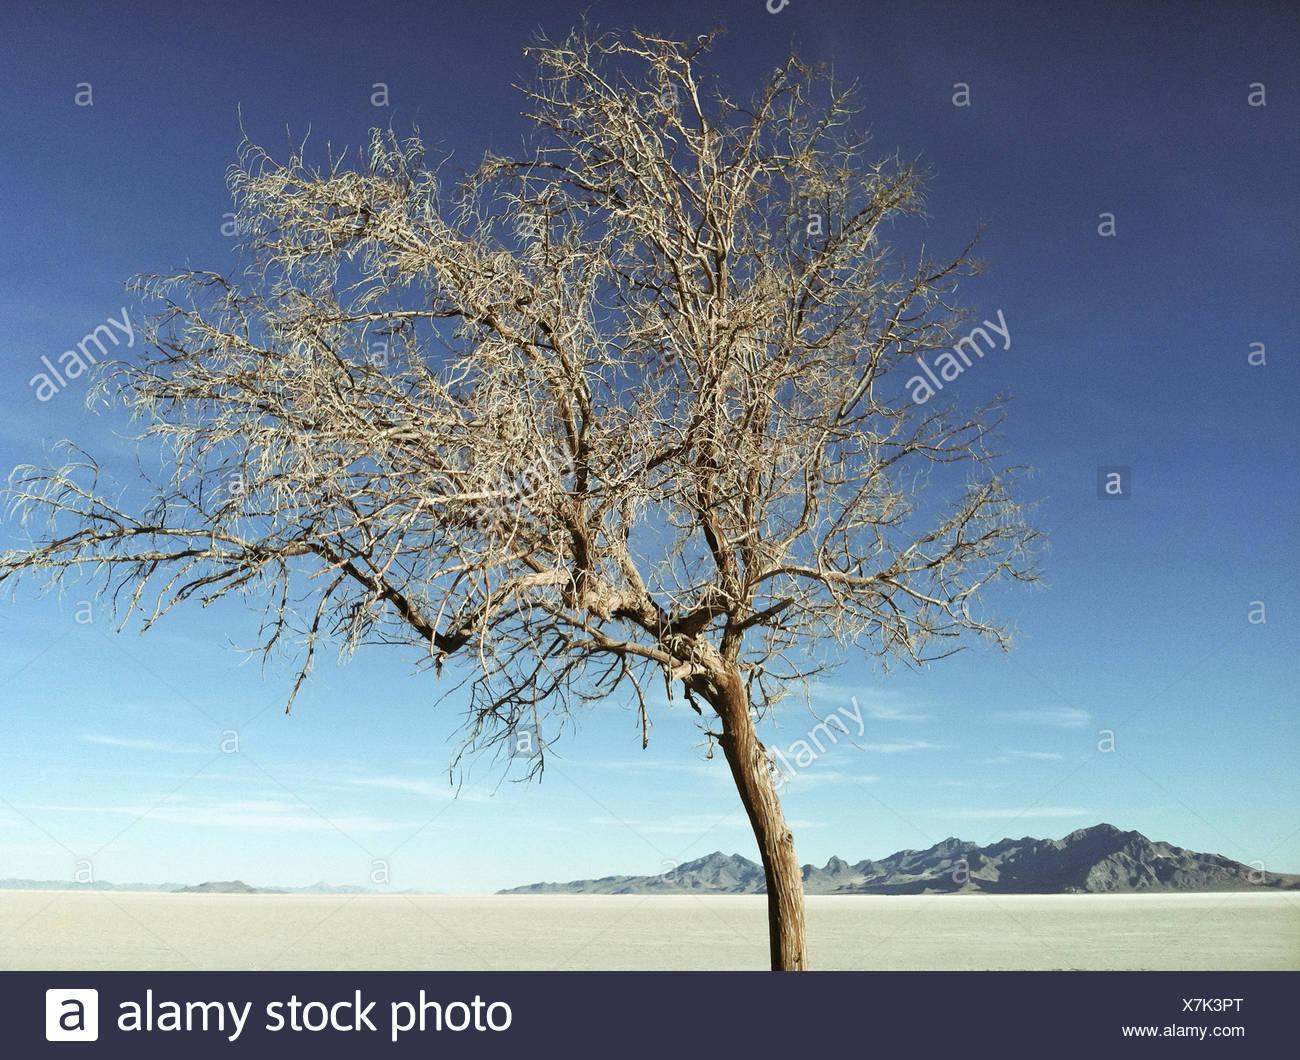 USA, Utah, Tooele, Great Salt Lake Desert, Bonneville Salt Flats State Park, Tree in desert - Stock Image